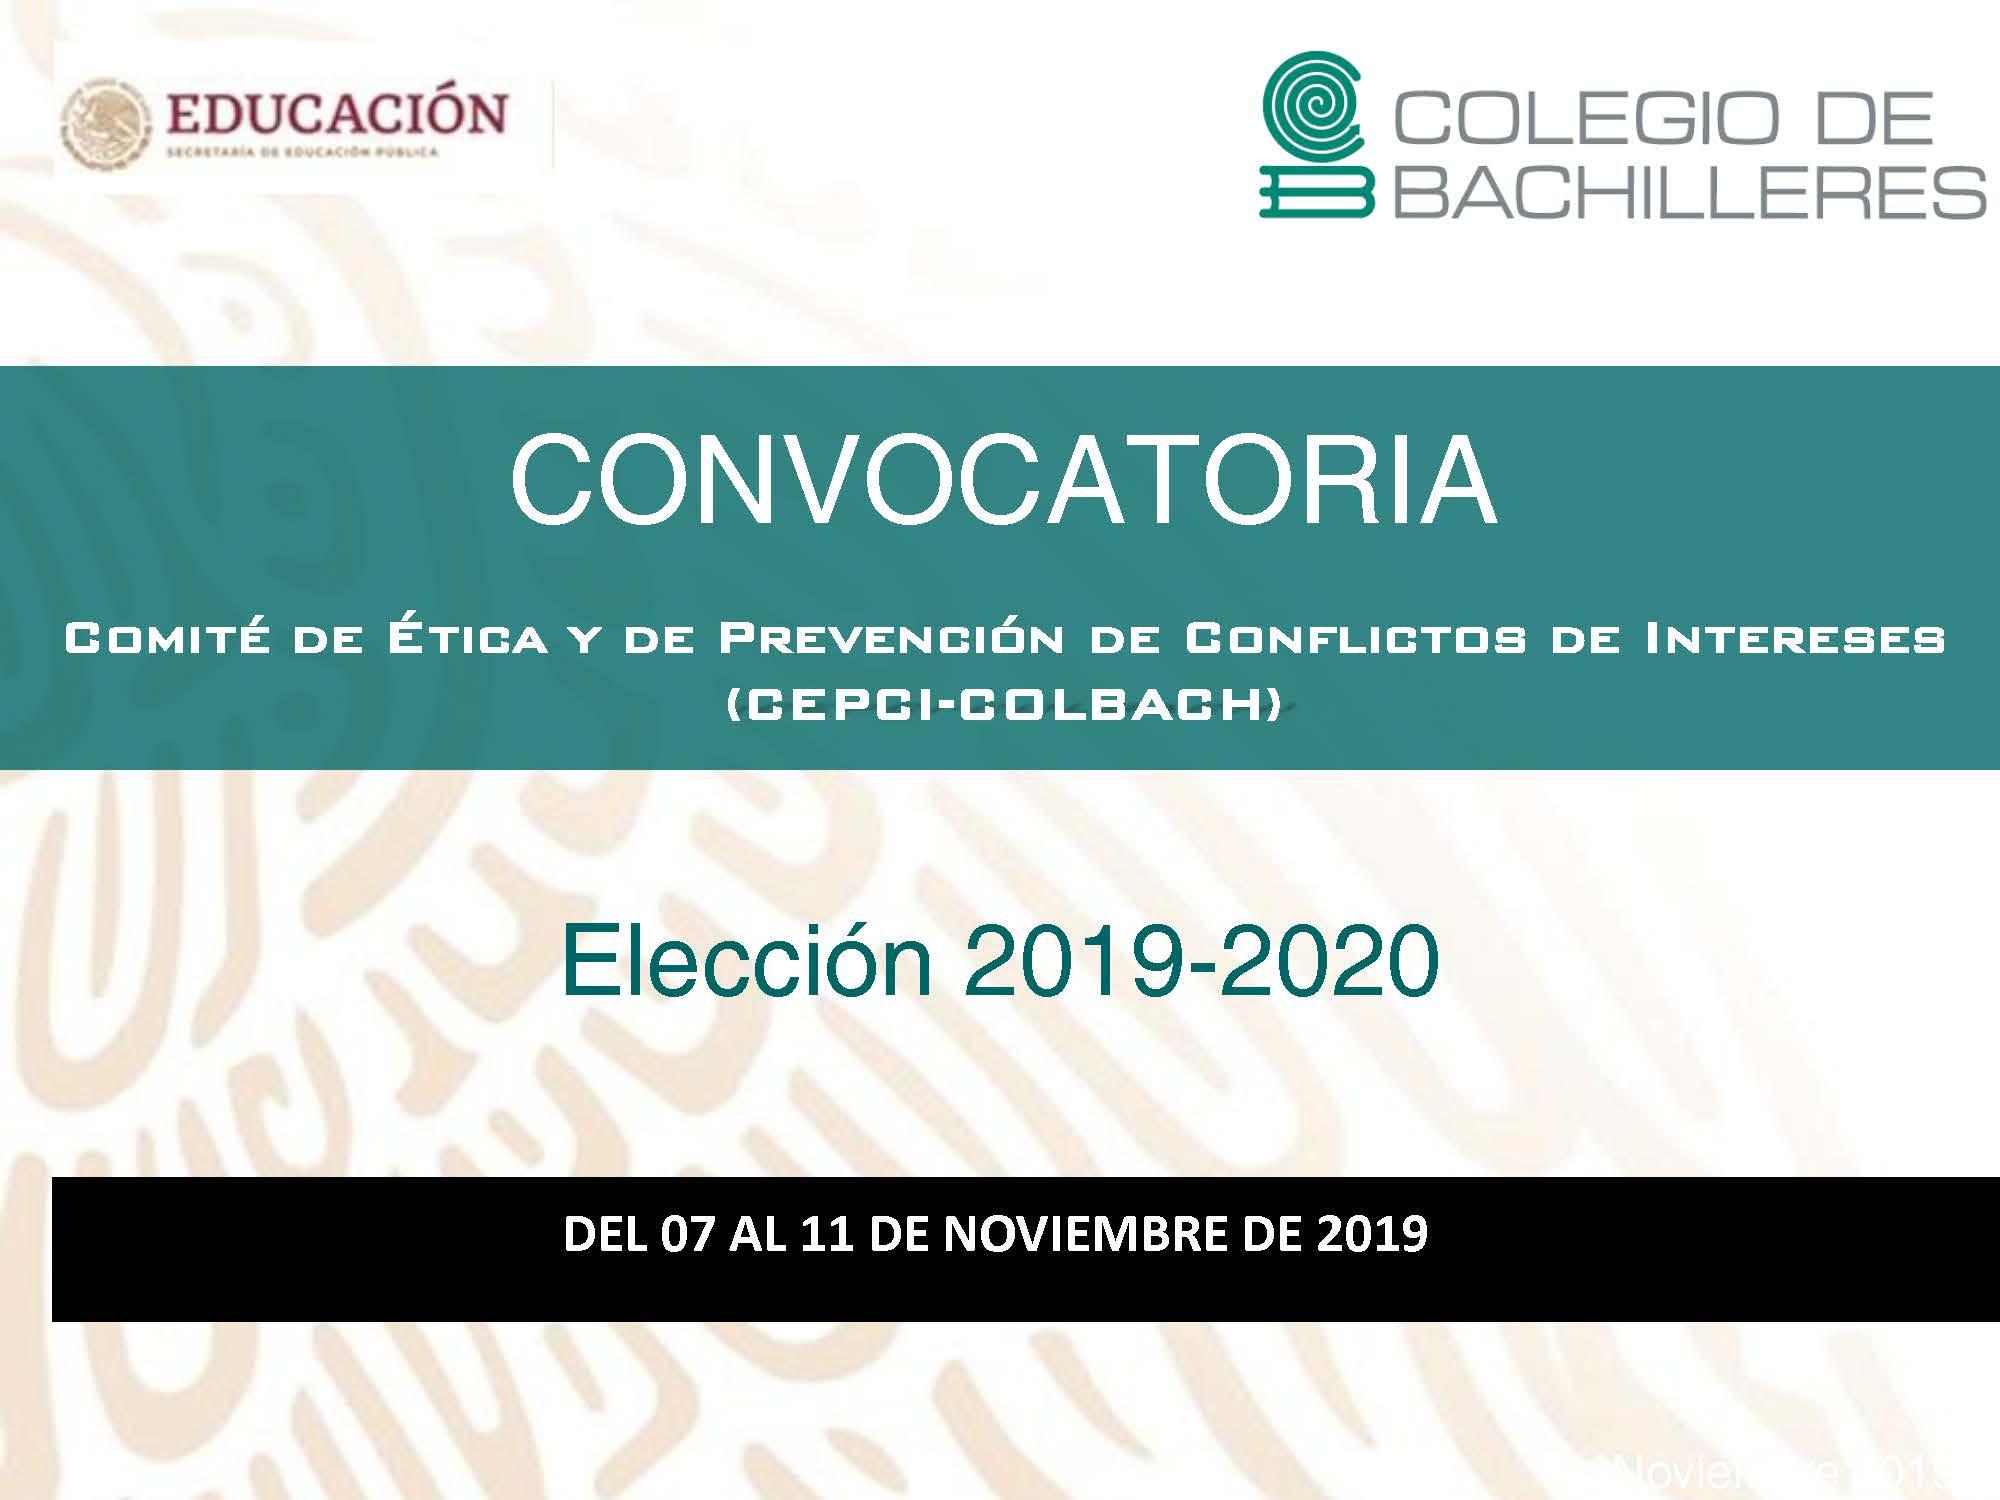 Comité de Ética y de Prevención de Conflictos de Intereses (CEPCI - COLBACH)